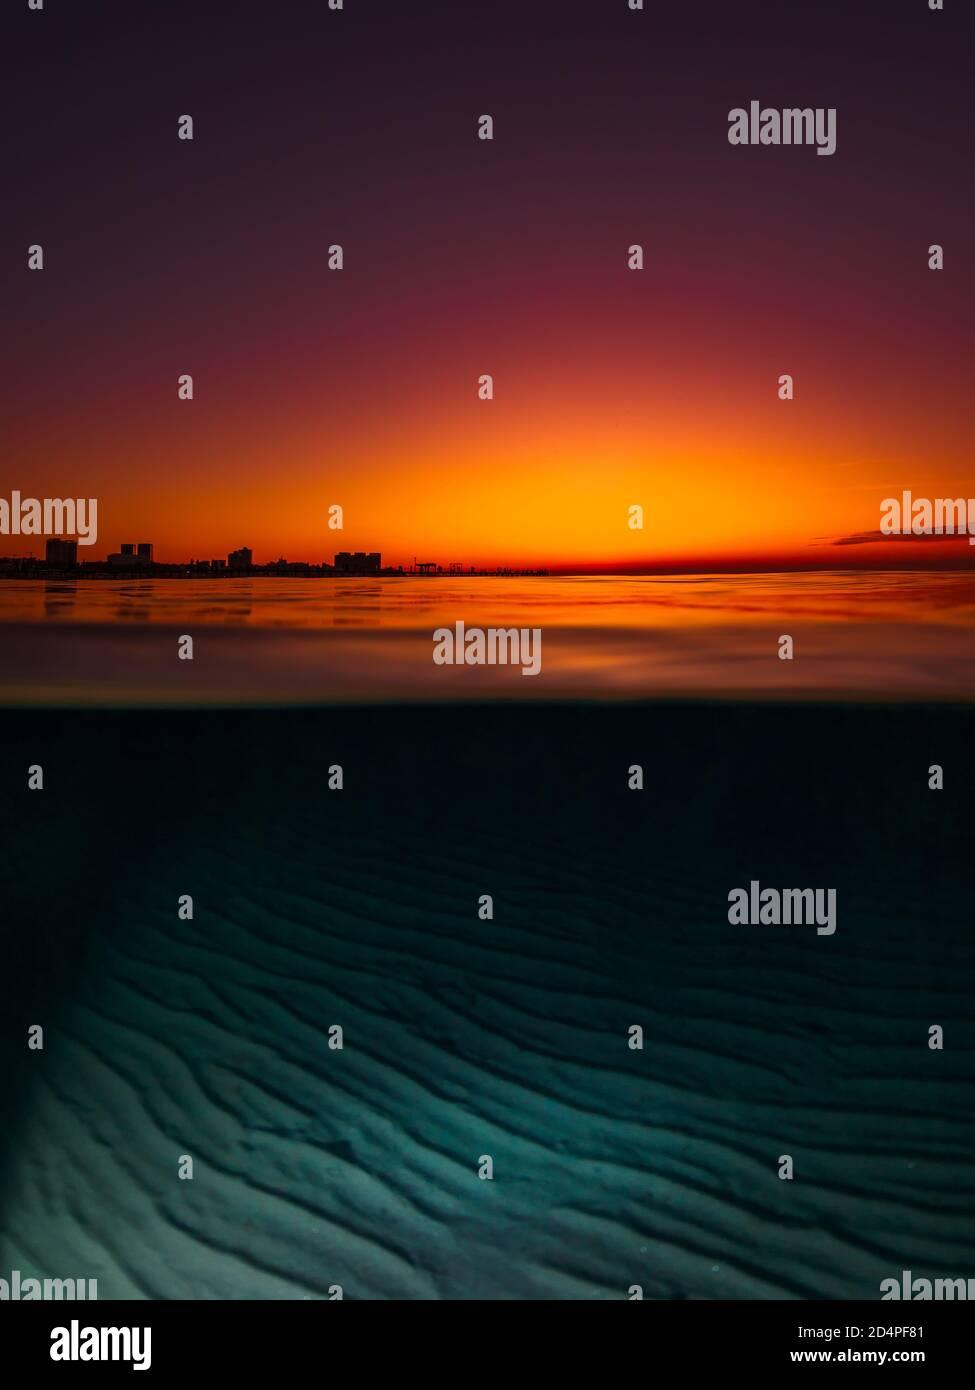 Vista dividida con puesta de sol brillante y fondo de mar de arena bajo el agua. Foto de stock